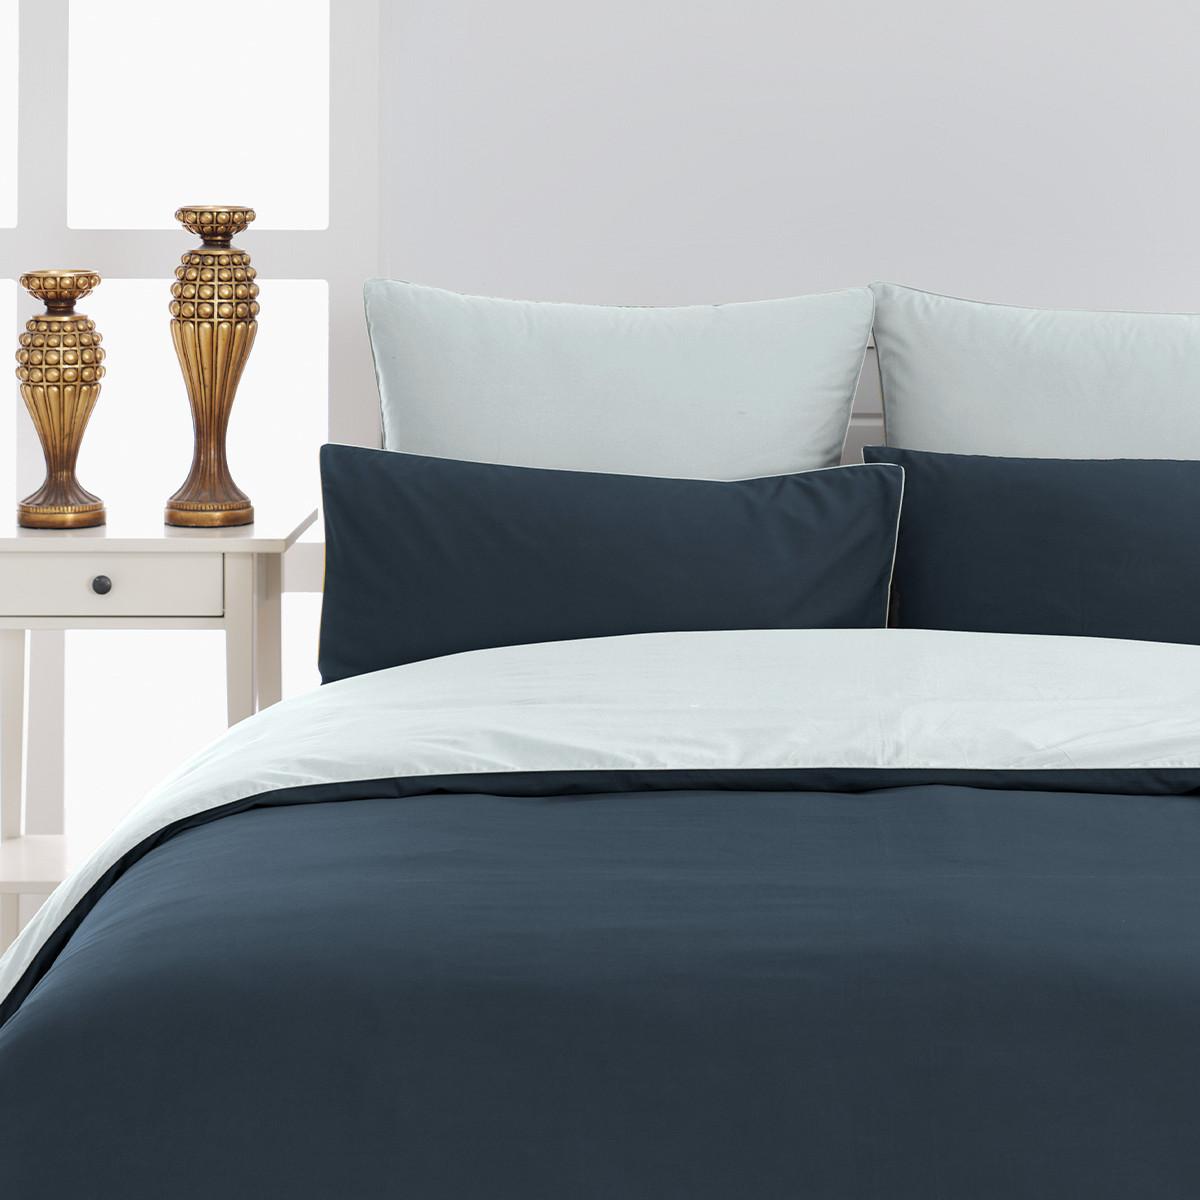 Housse de couette bicolore percale Taupe/Ficelle 240x220 cm